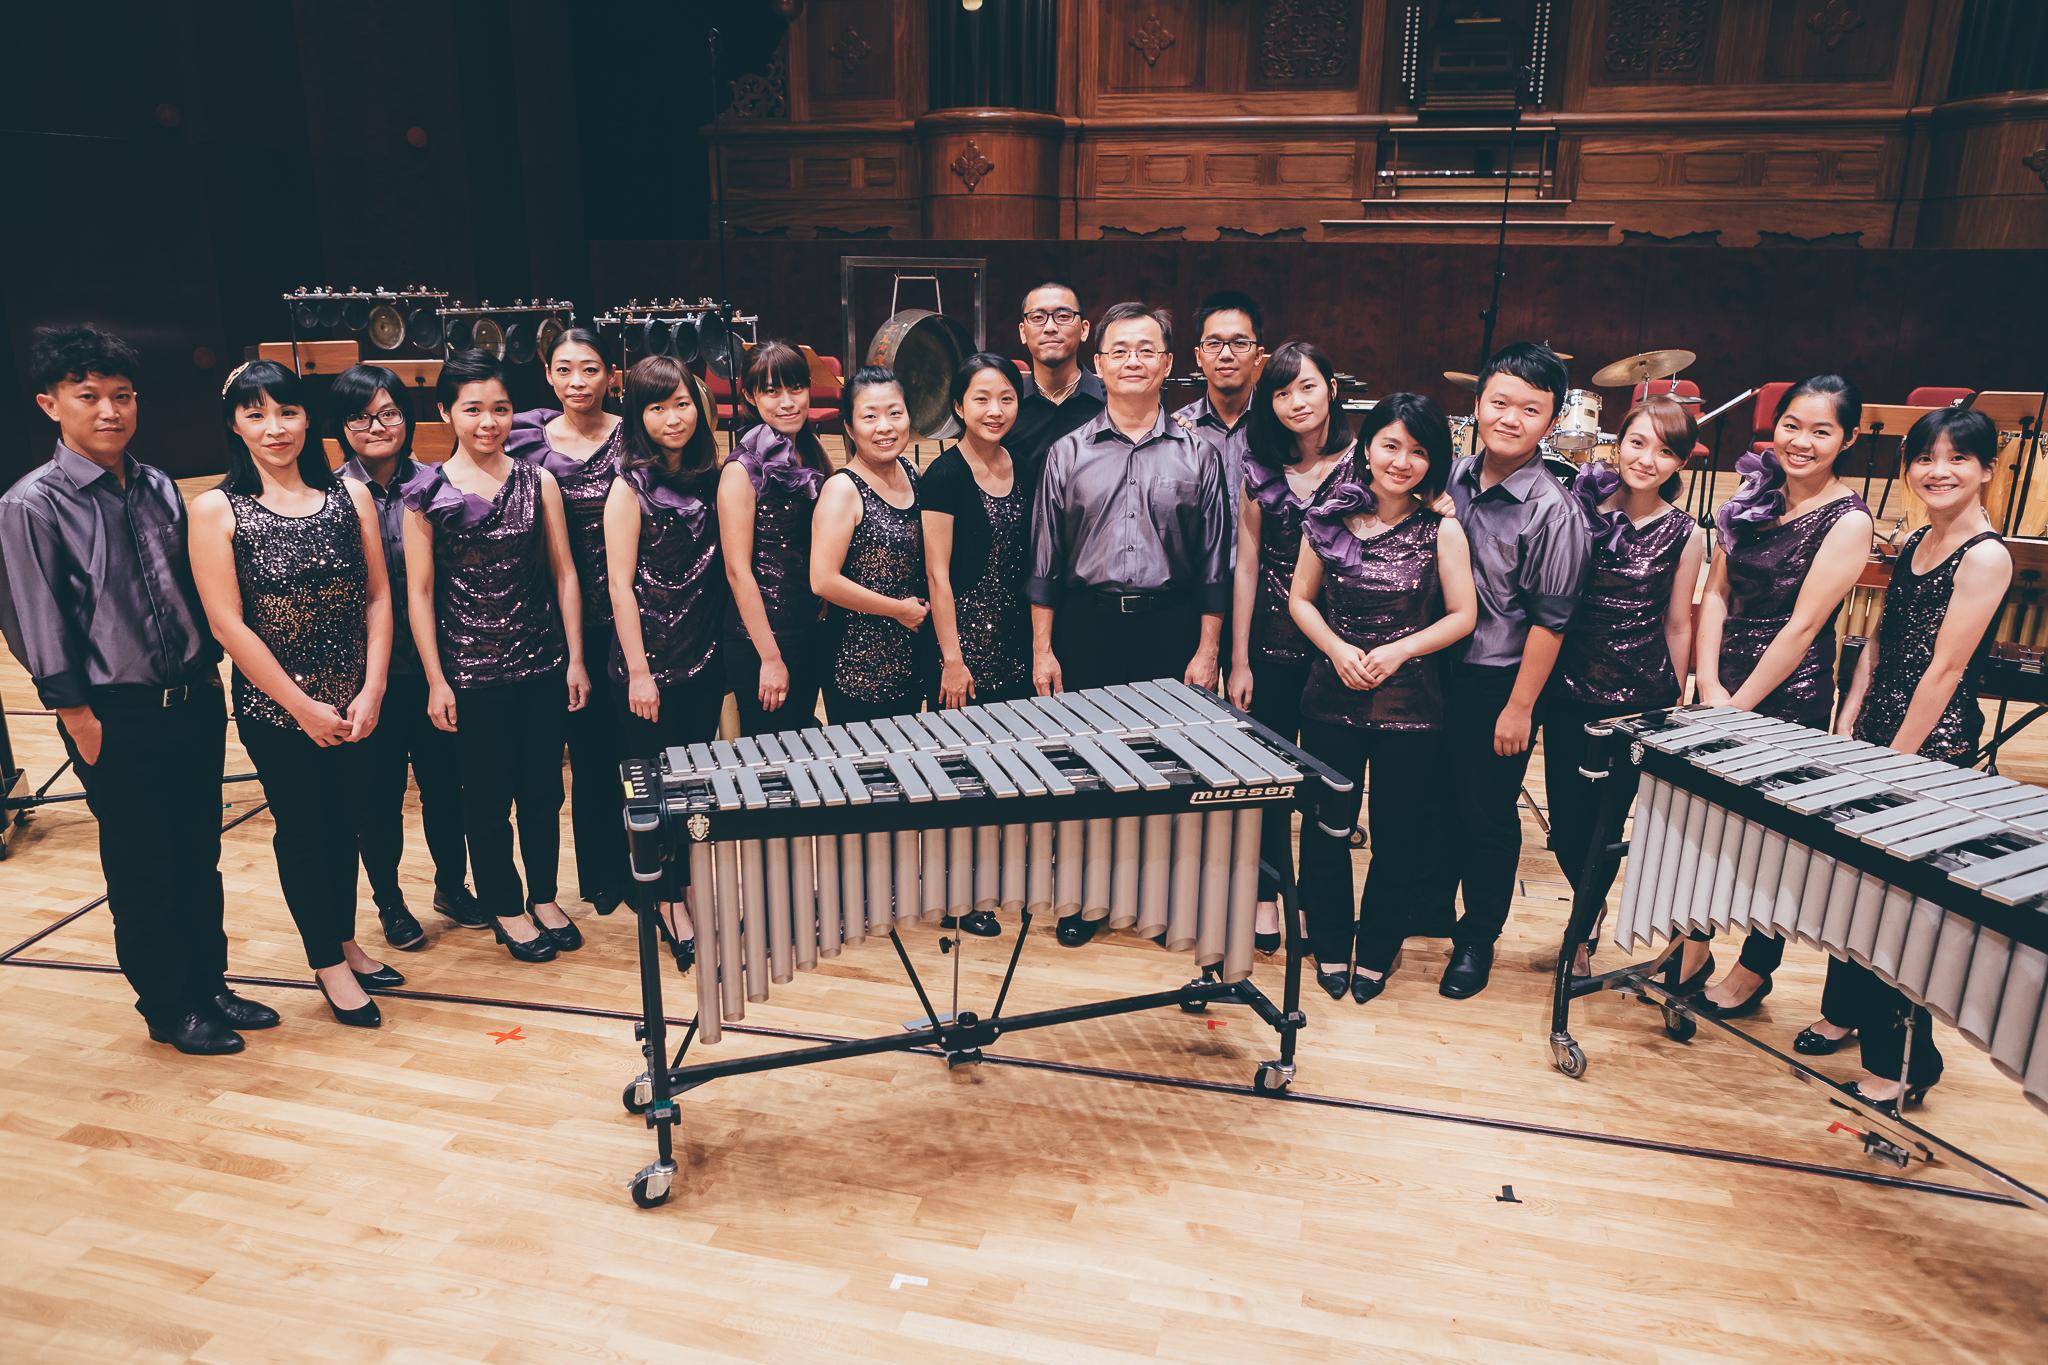 台北打擊樂團「擊」出新風格 古典音樂變身爵士樂!